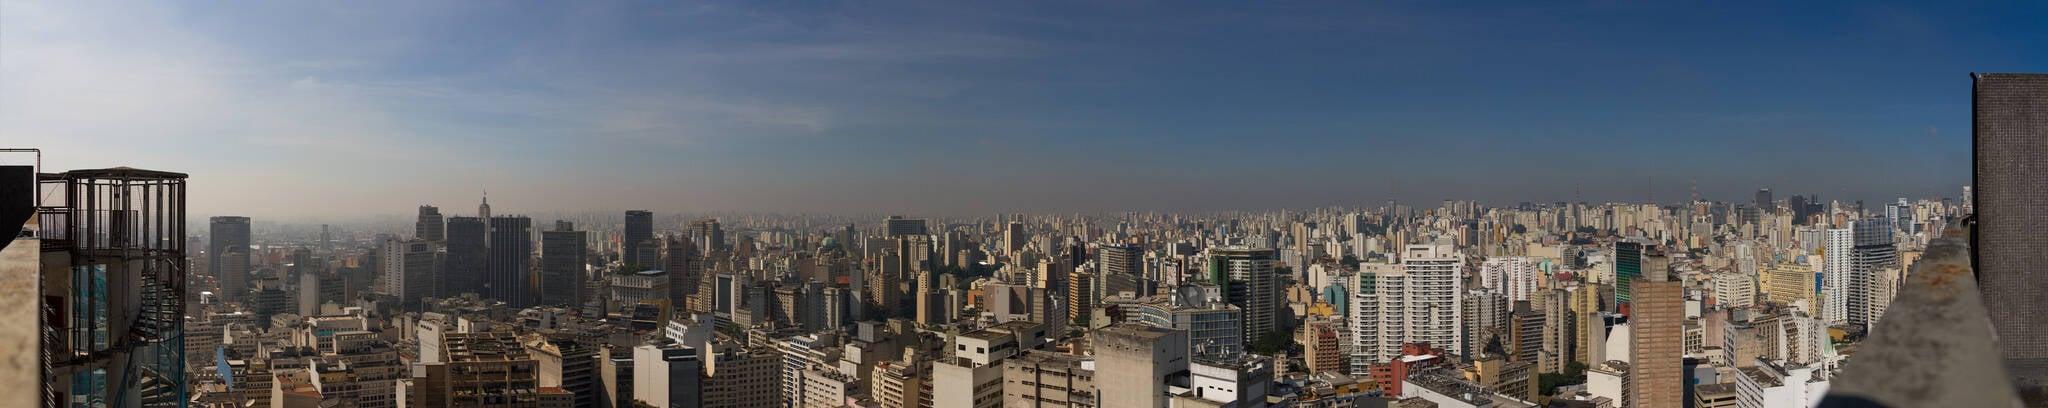 Do topo do Edifício Copan, projetado por Oscar Niemeyer, a vista da cidade de São Paulo é de tirar o fôlego. Foto: Reprodução/Flickr/Hugo Martins